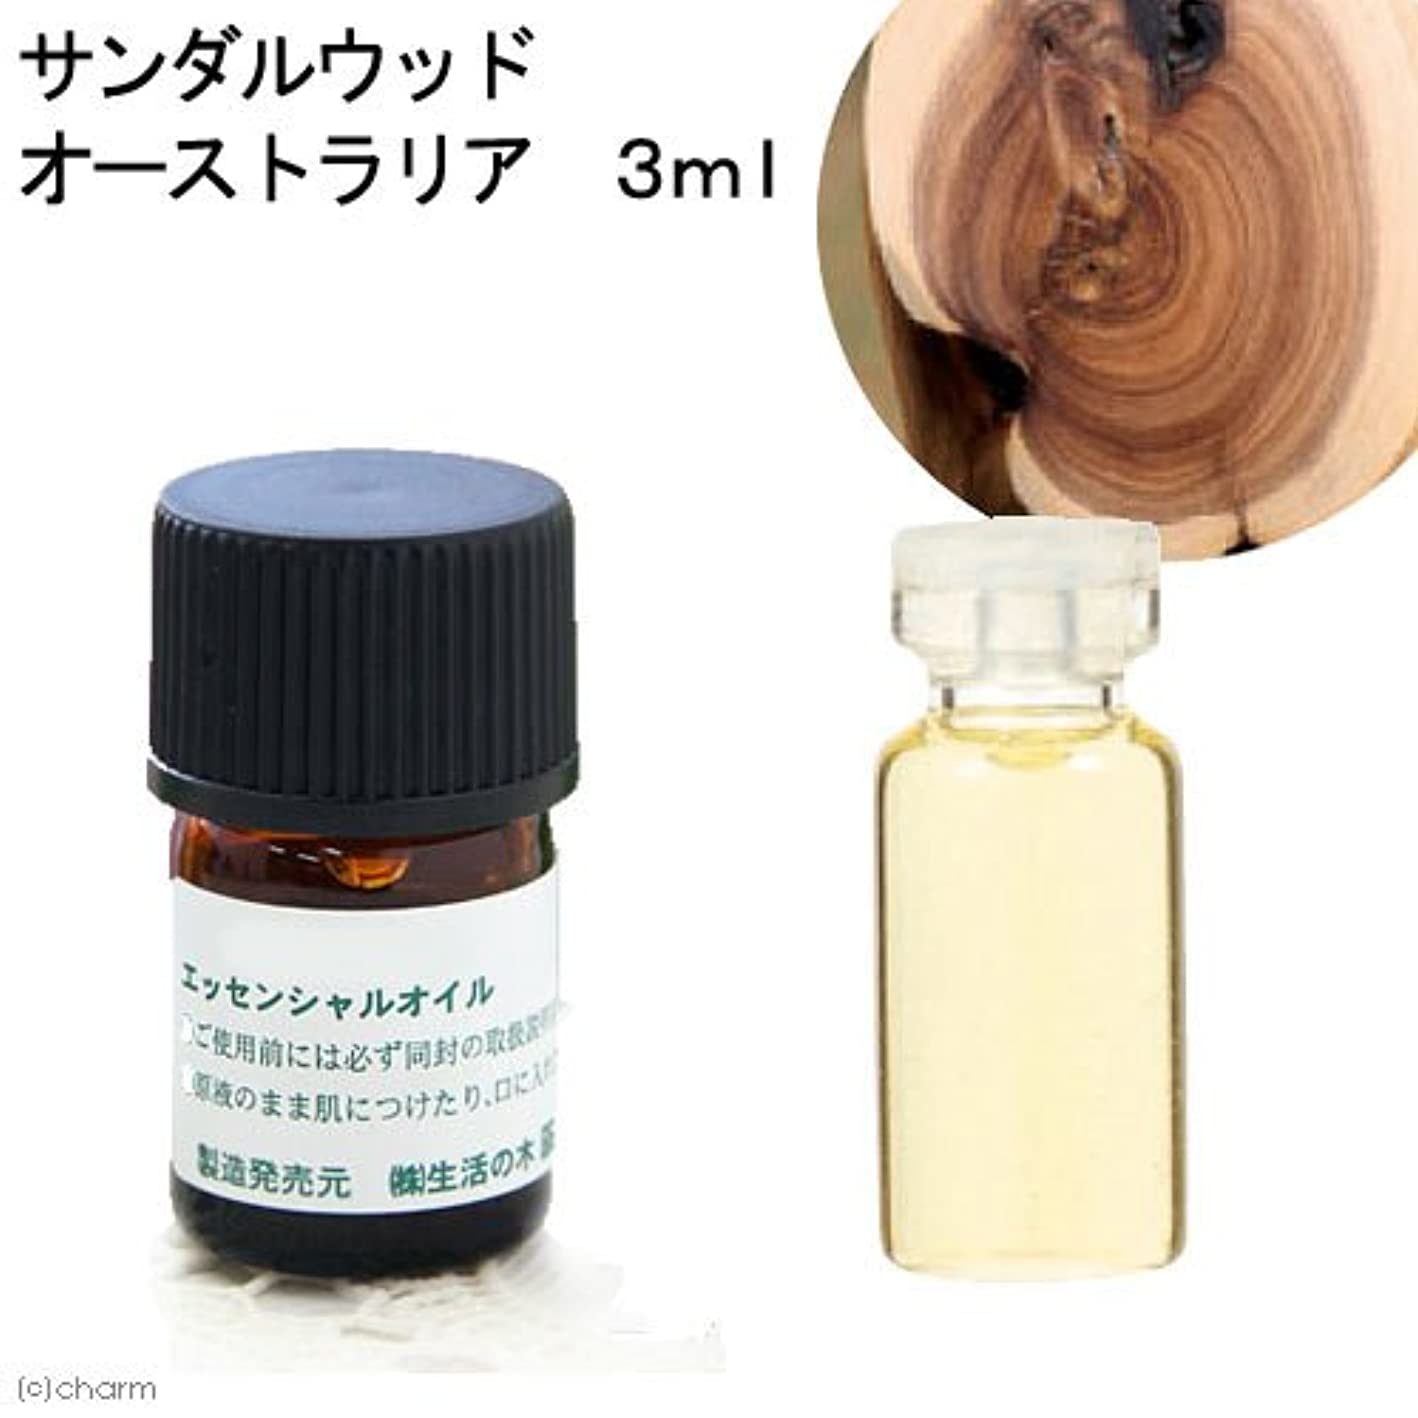 ペネロペ謝る抽象Cサンダルウッド オーストラリア精油 3ml